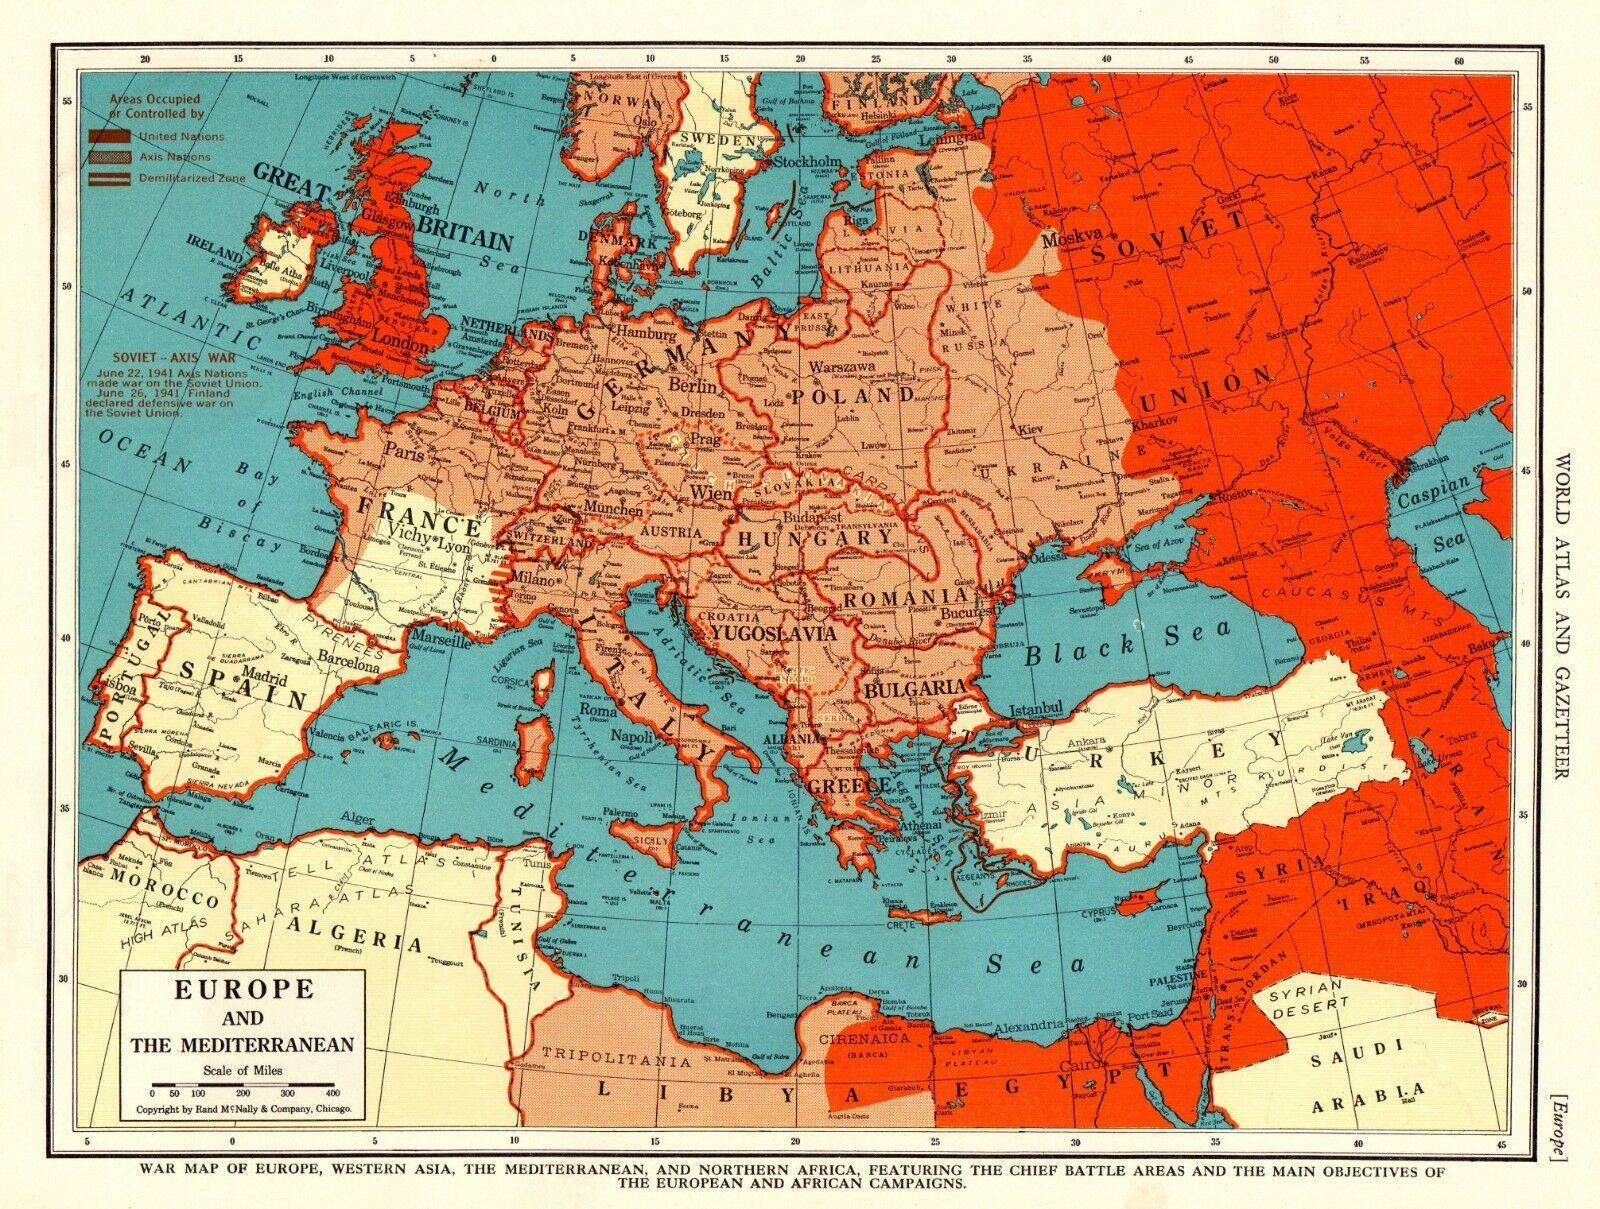 Histoire Chapitre 4 La Seconde Guerre Mondiale Une Guerre D